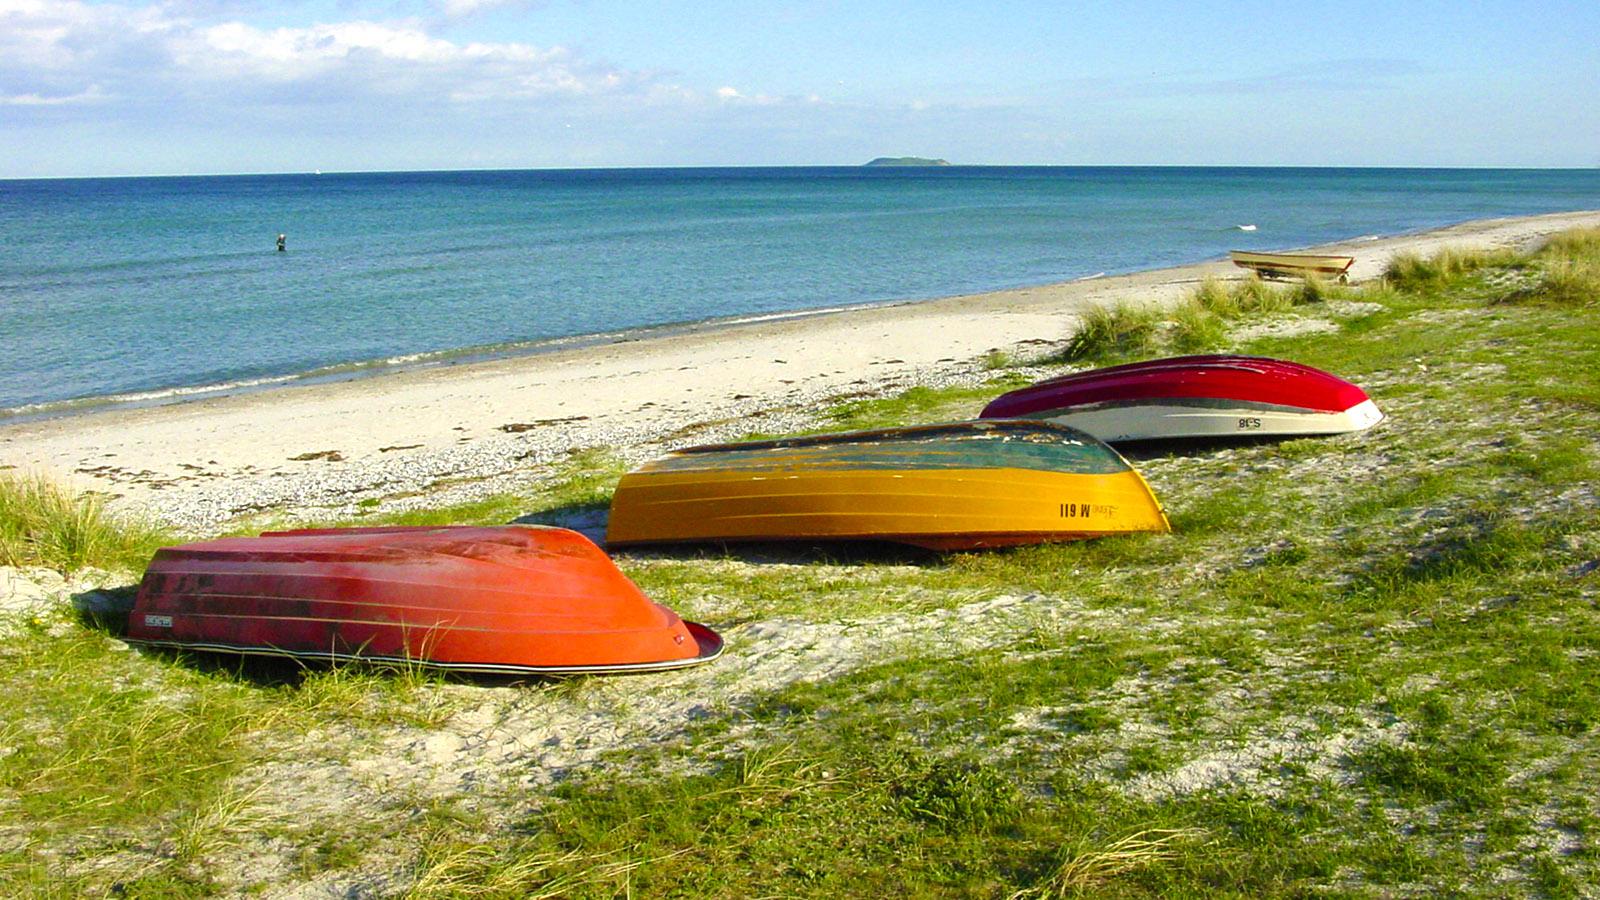 Djursland: Boerslum-Strand –ein Naturstrand mit feinstem Ostseesand und Fischerbooten. Im Hintergrund: die Insel Hjelm. Foto: Hilke Maunder